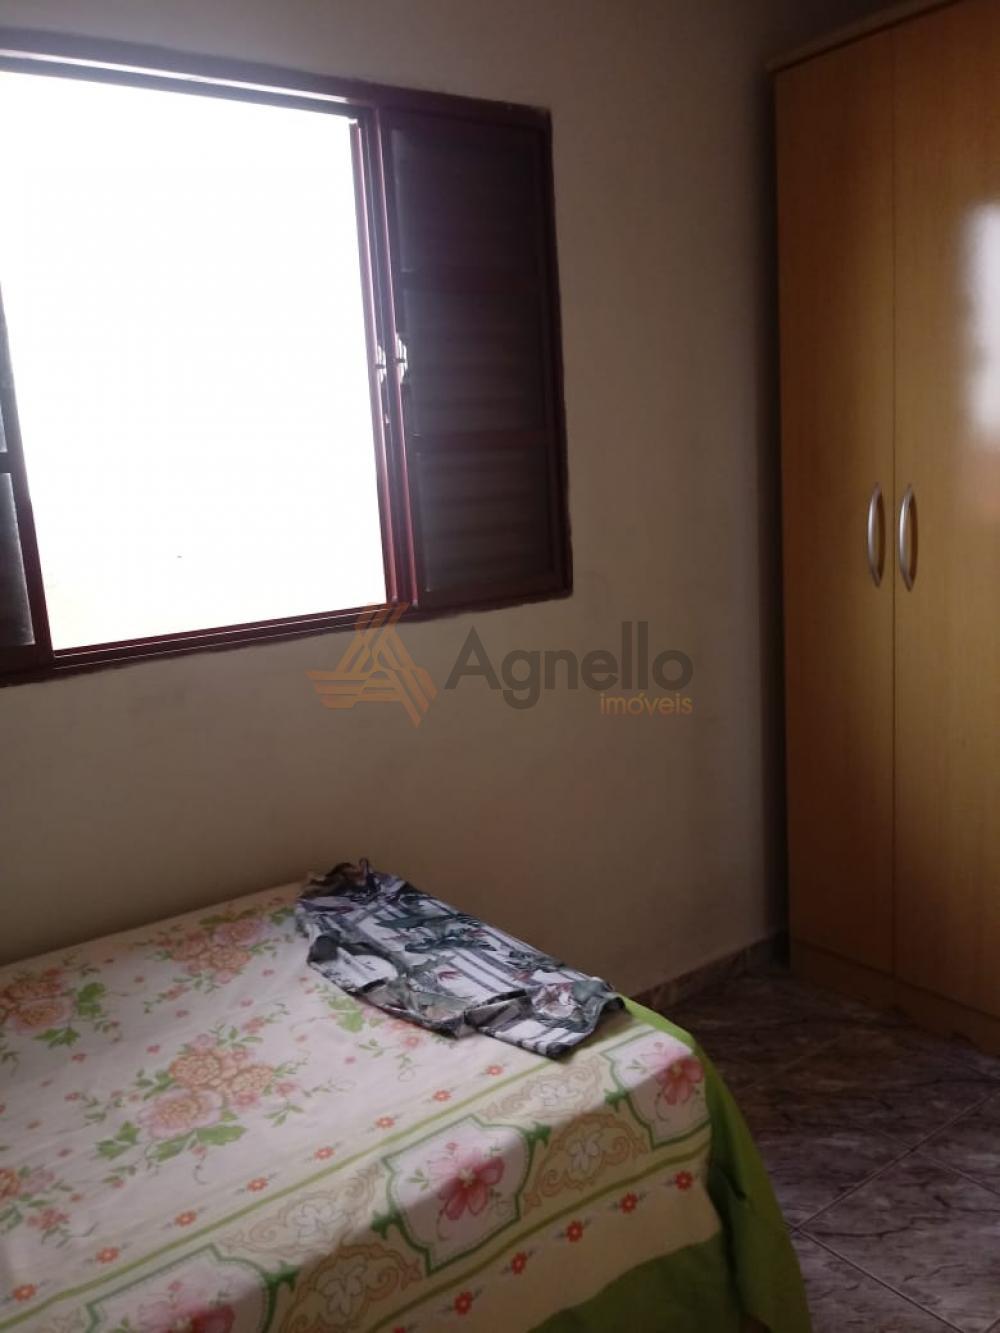 Comprar Casa / Bairro em Franca R$ 150.000,00 - Foto 8